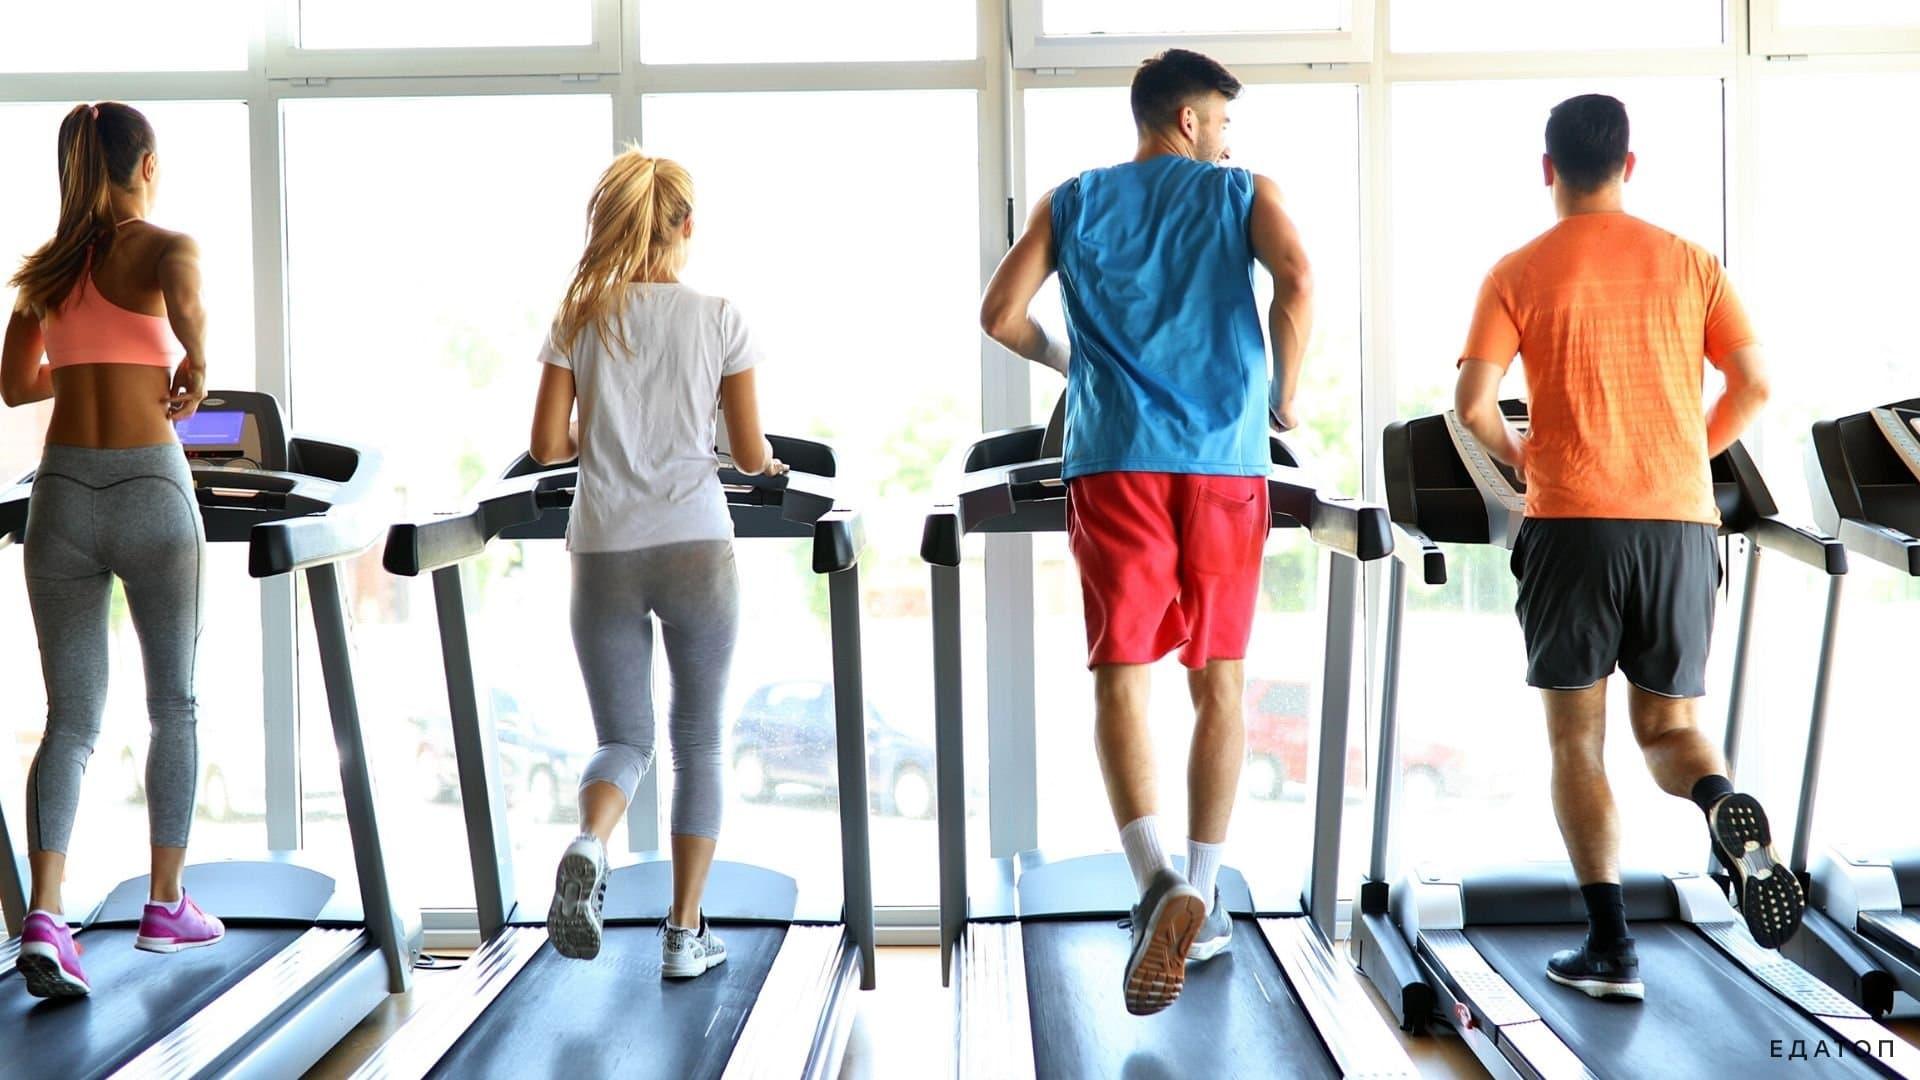 Спортивные тренировки в зале для похудения для девушек, видео инструкция